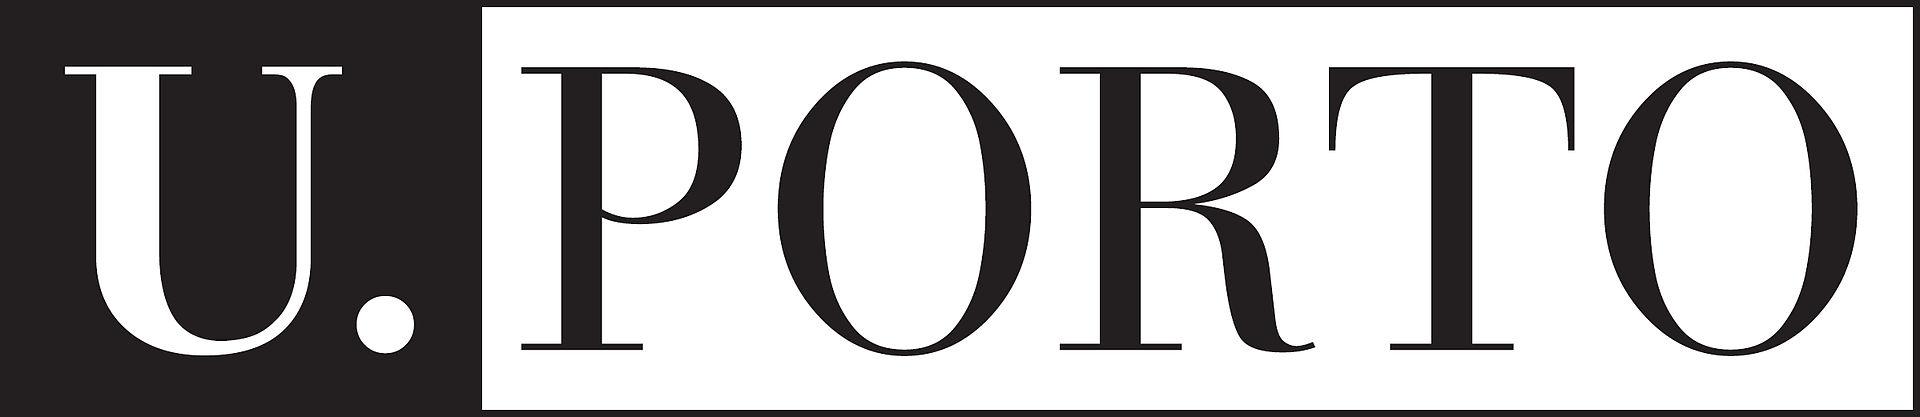 Logoup.jpg